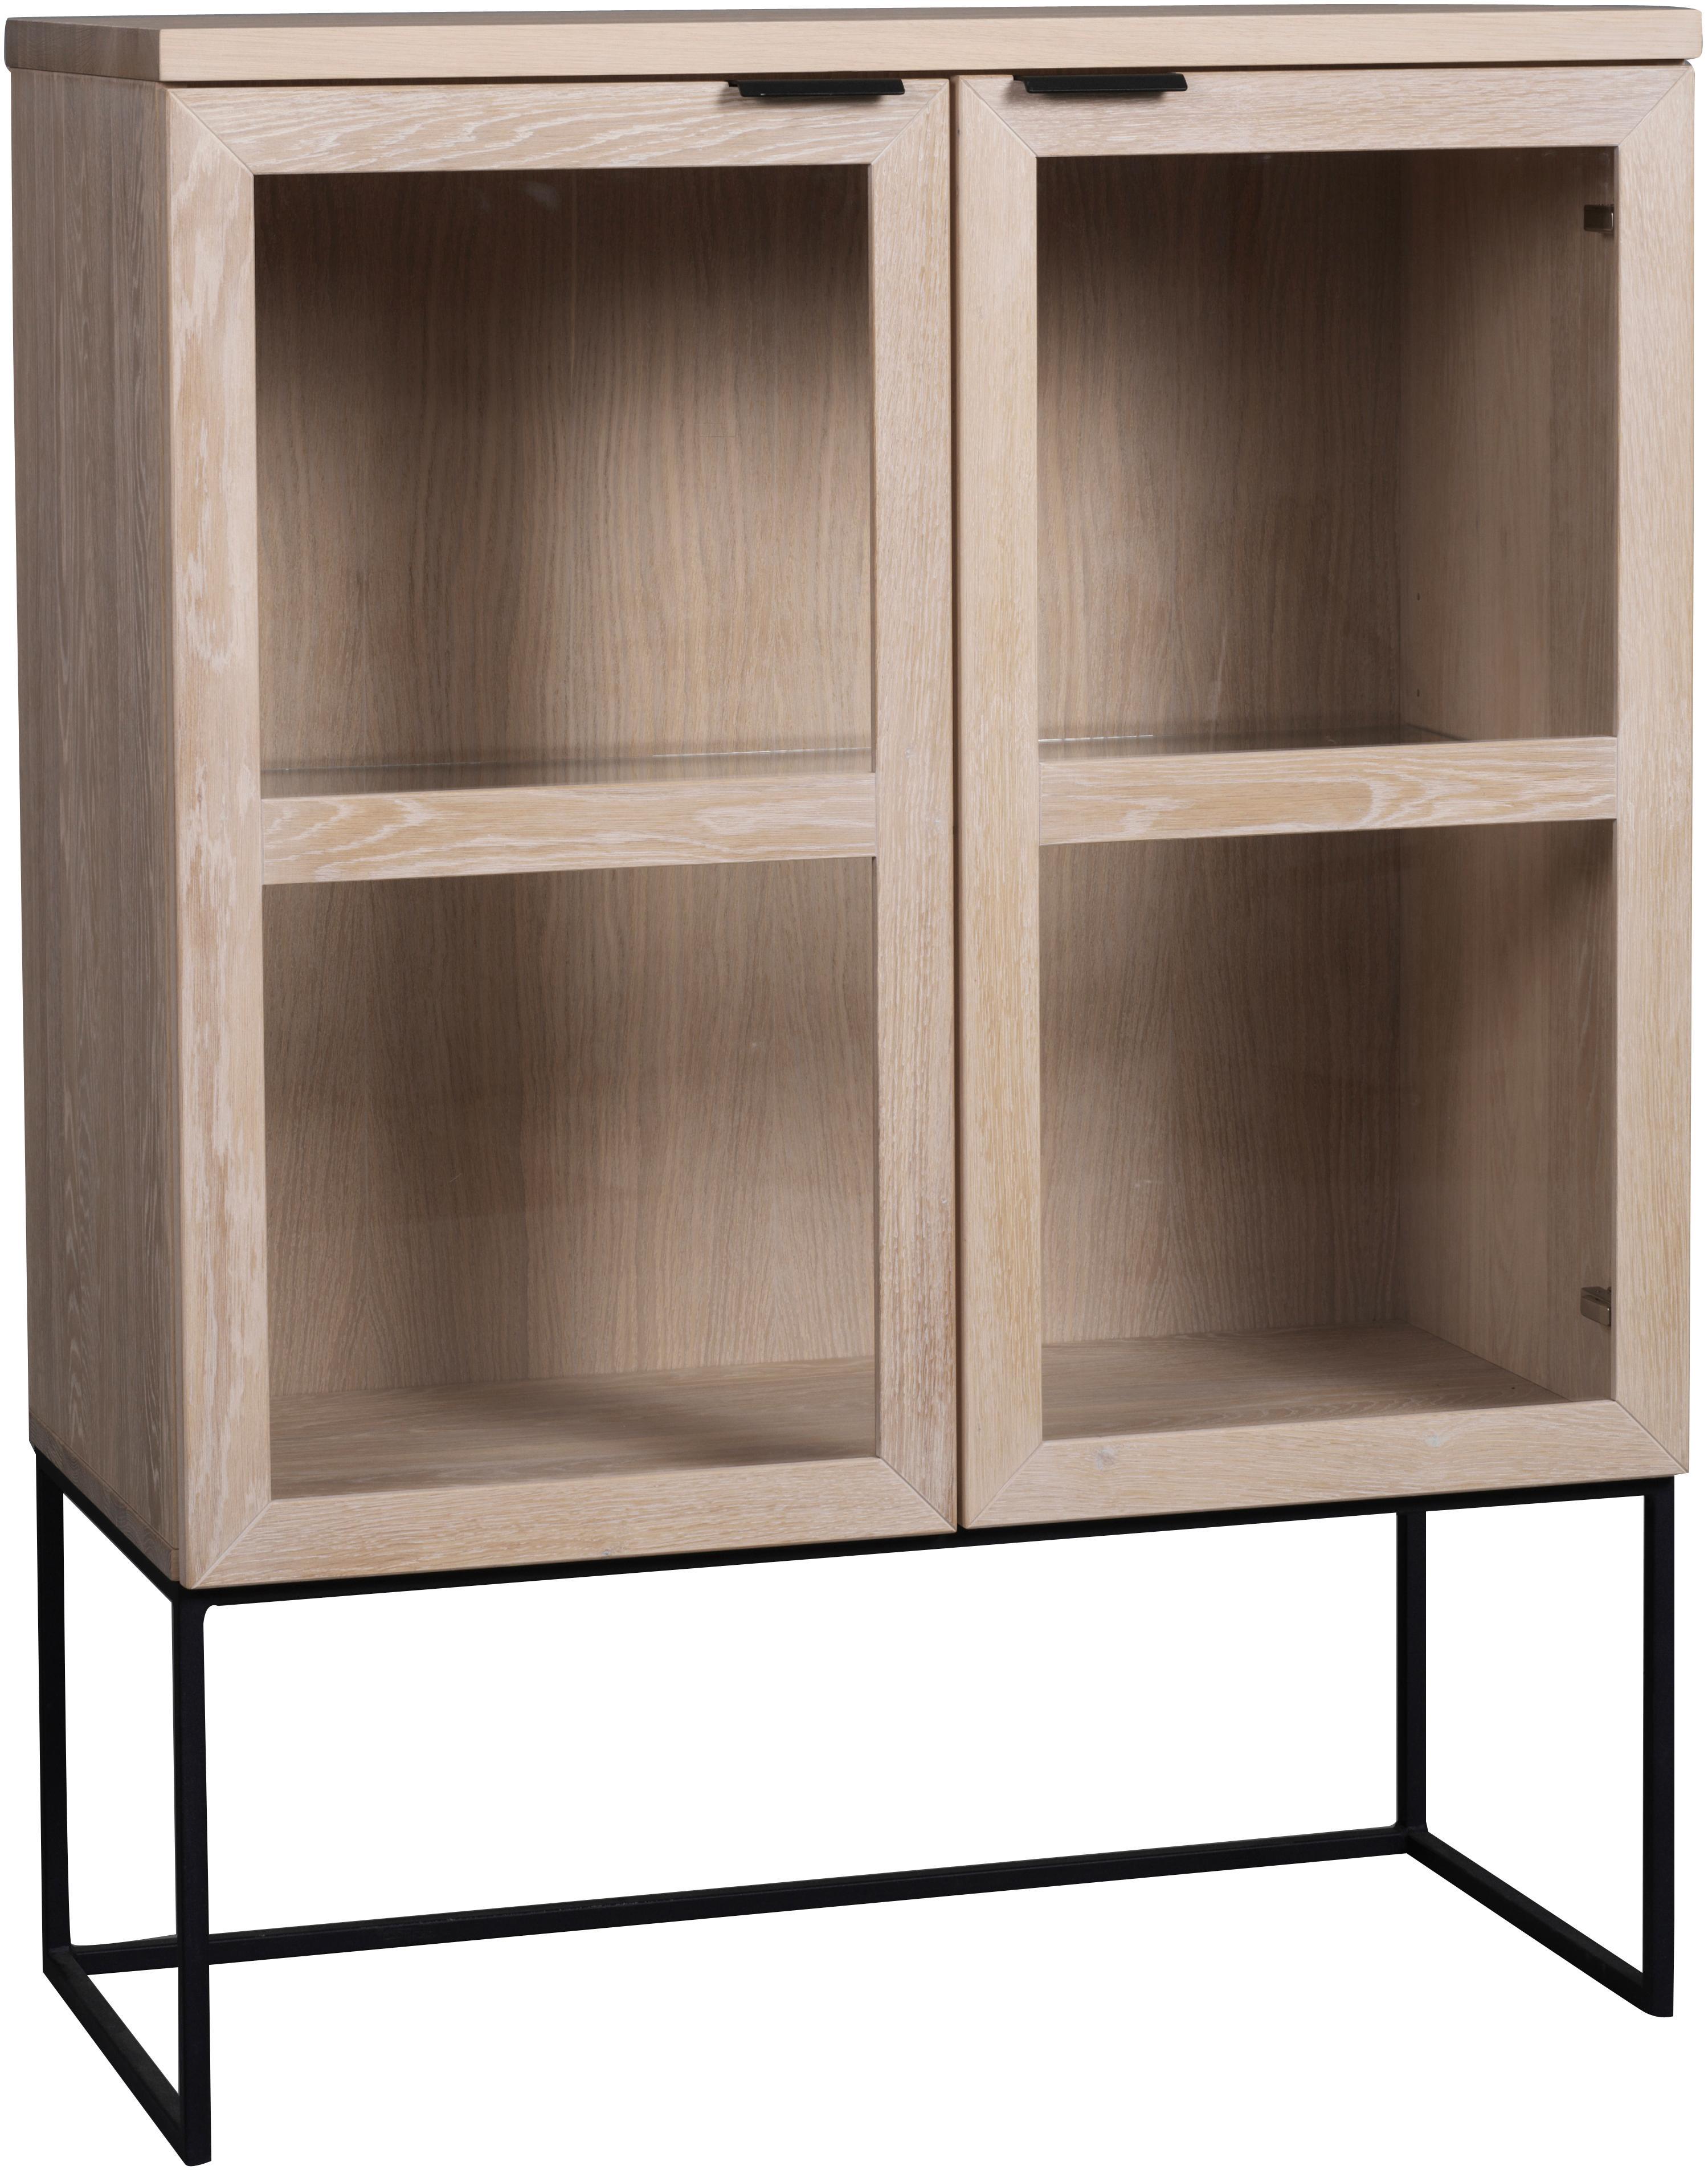 Credenza alta in legno di quercia e vetro Everett, Struttura: metallo laccato, Sbiancato, nero, Larg. 95 x Alt. 125 cm